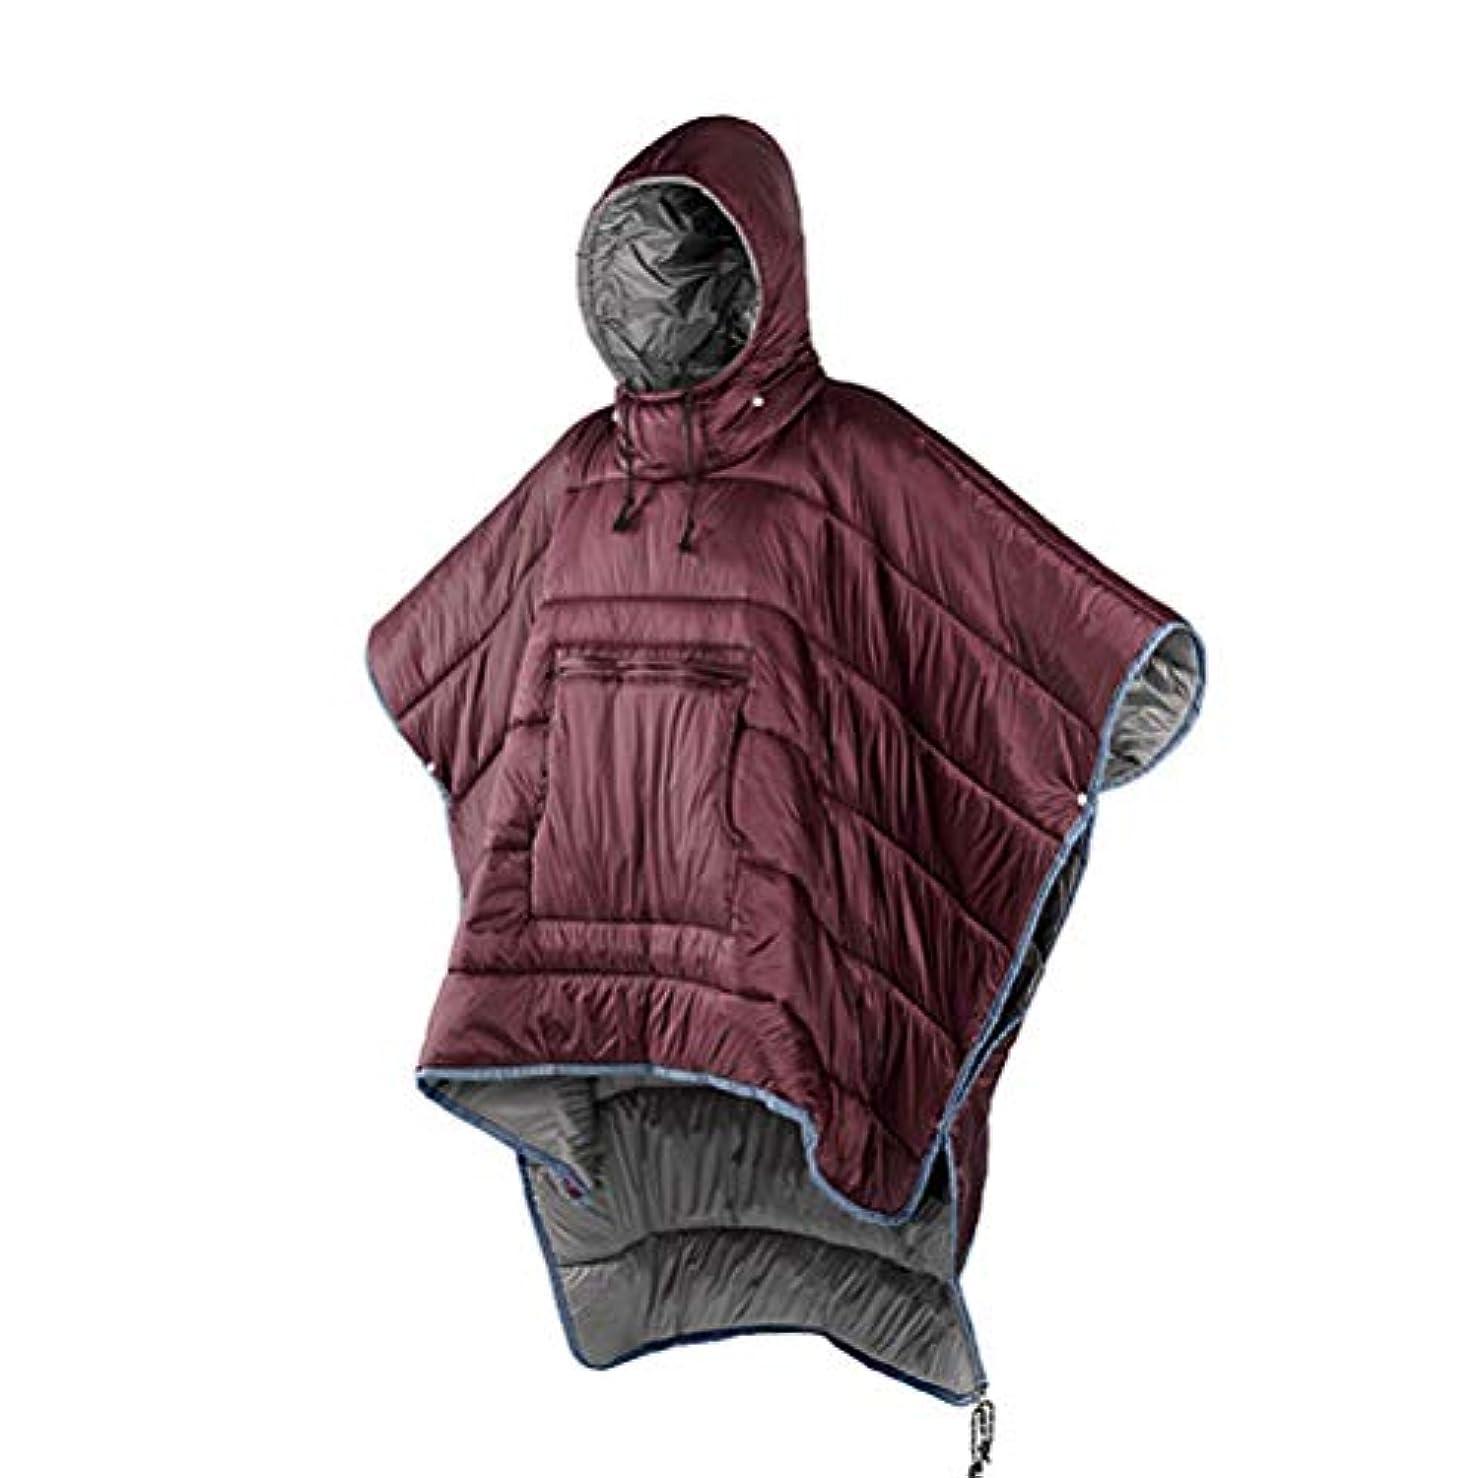 深く大使精度大人用ウェアラブル寝袋 - パーカーブランケット、ポータブル屋外本町ポンチョ暖かいカバーコート、寒い天候用の防風防水クロークケープ、家庭用またはオフィス用